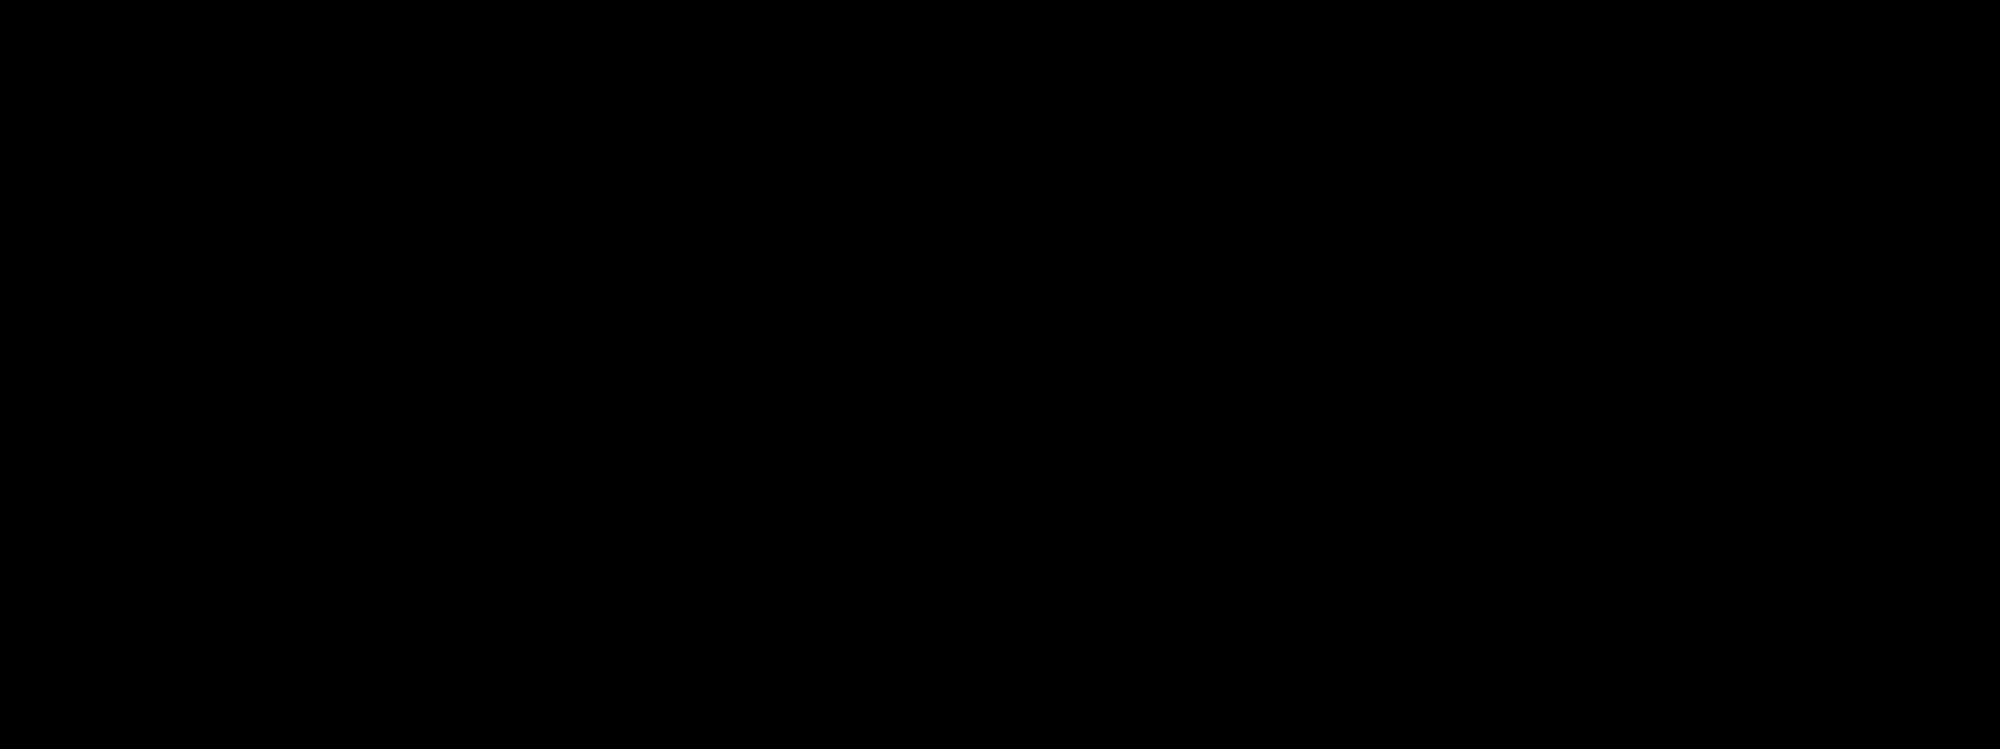 ENRICHMENT-logo-black.png